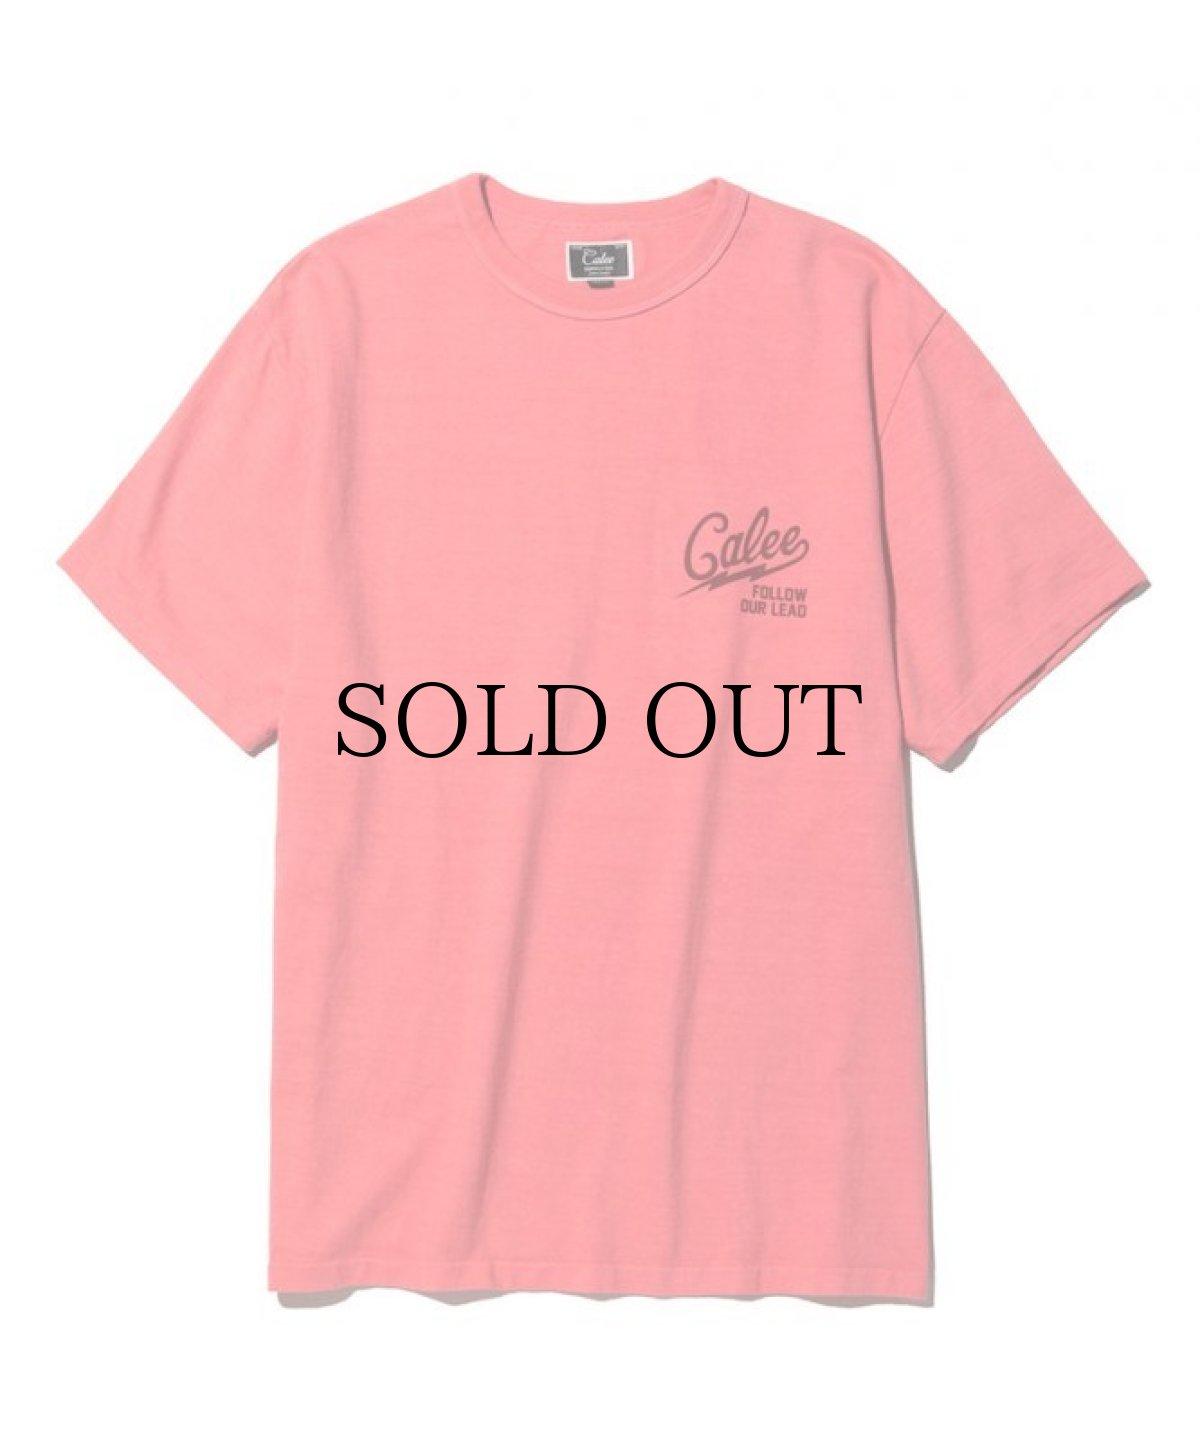 画像1: CALEE / Binder neck color t-shirt -PINK- (1)